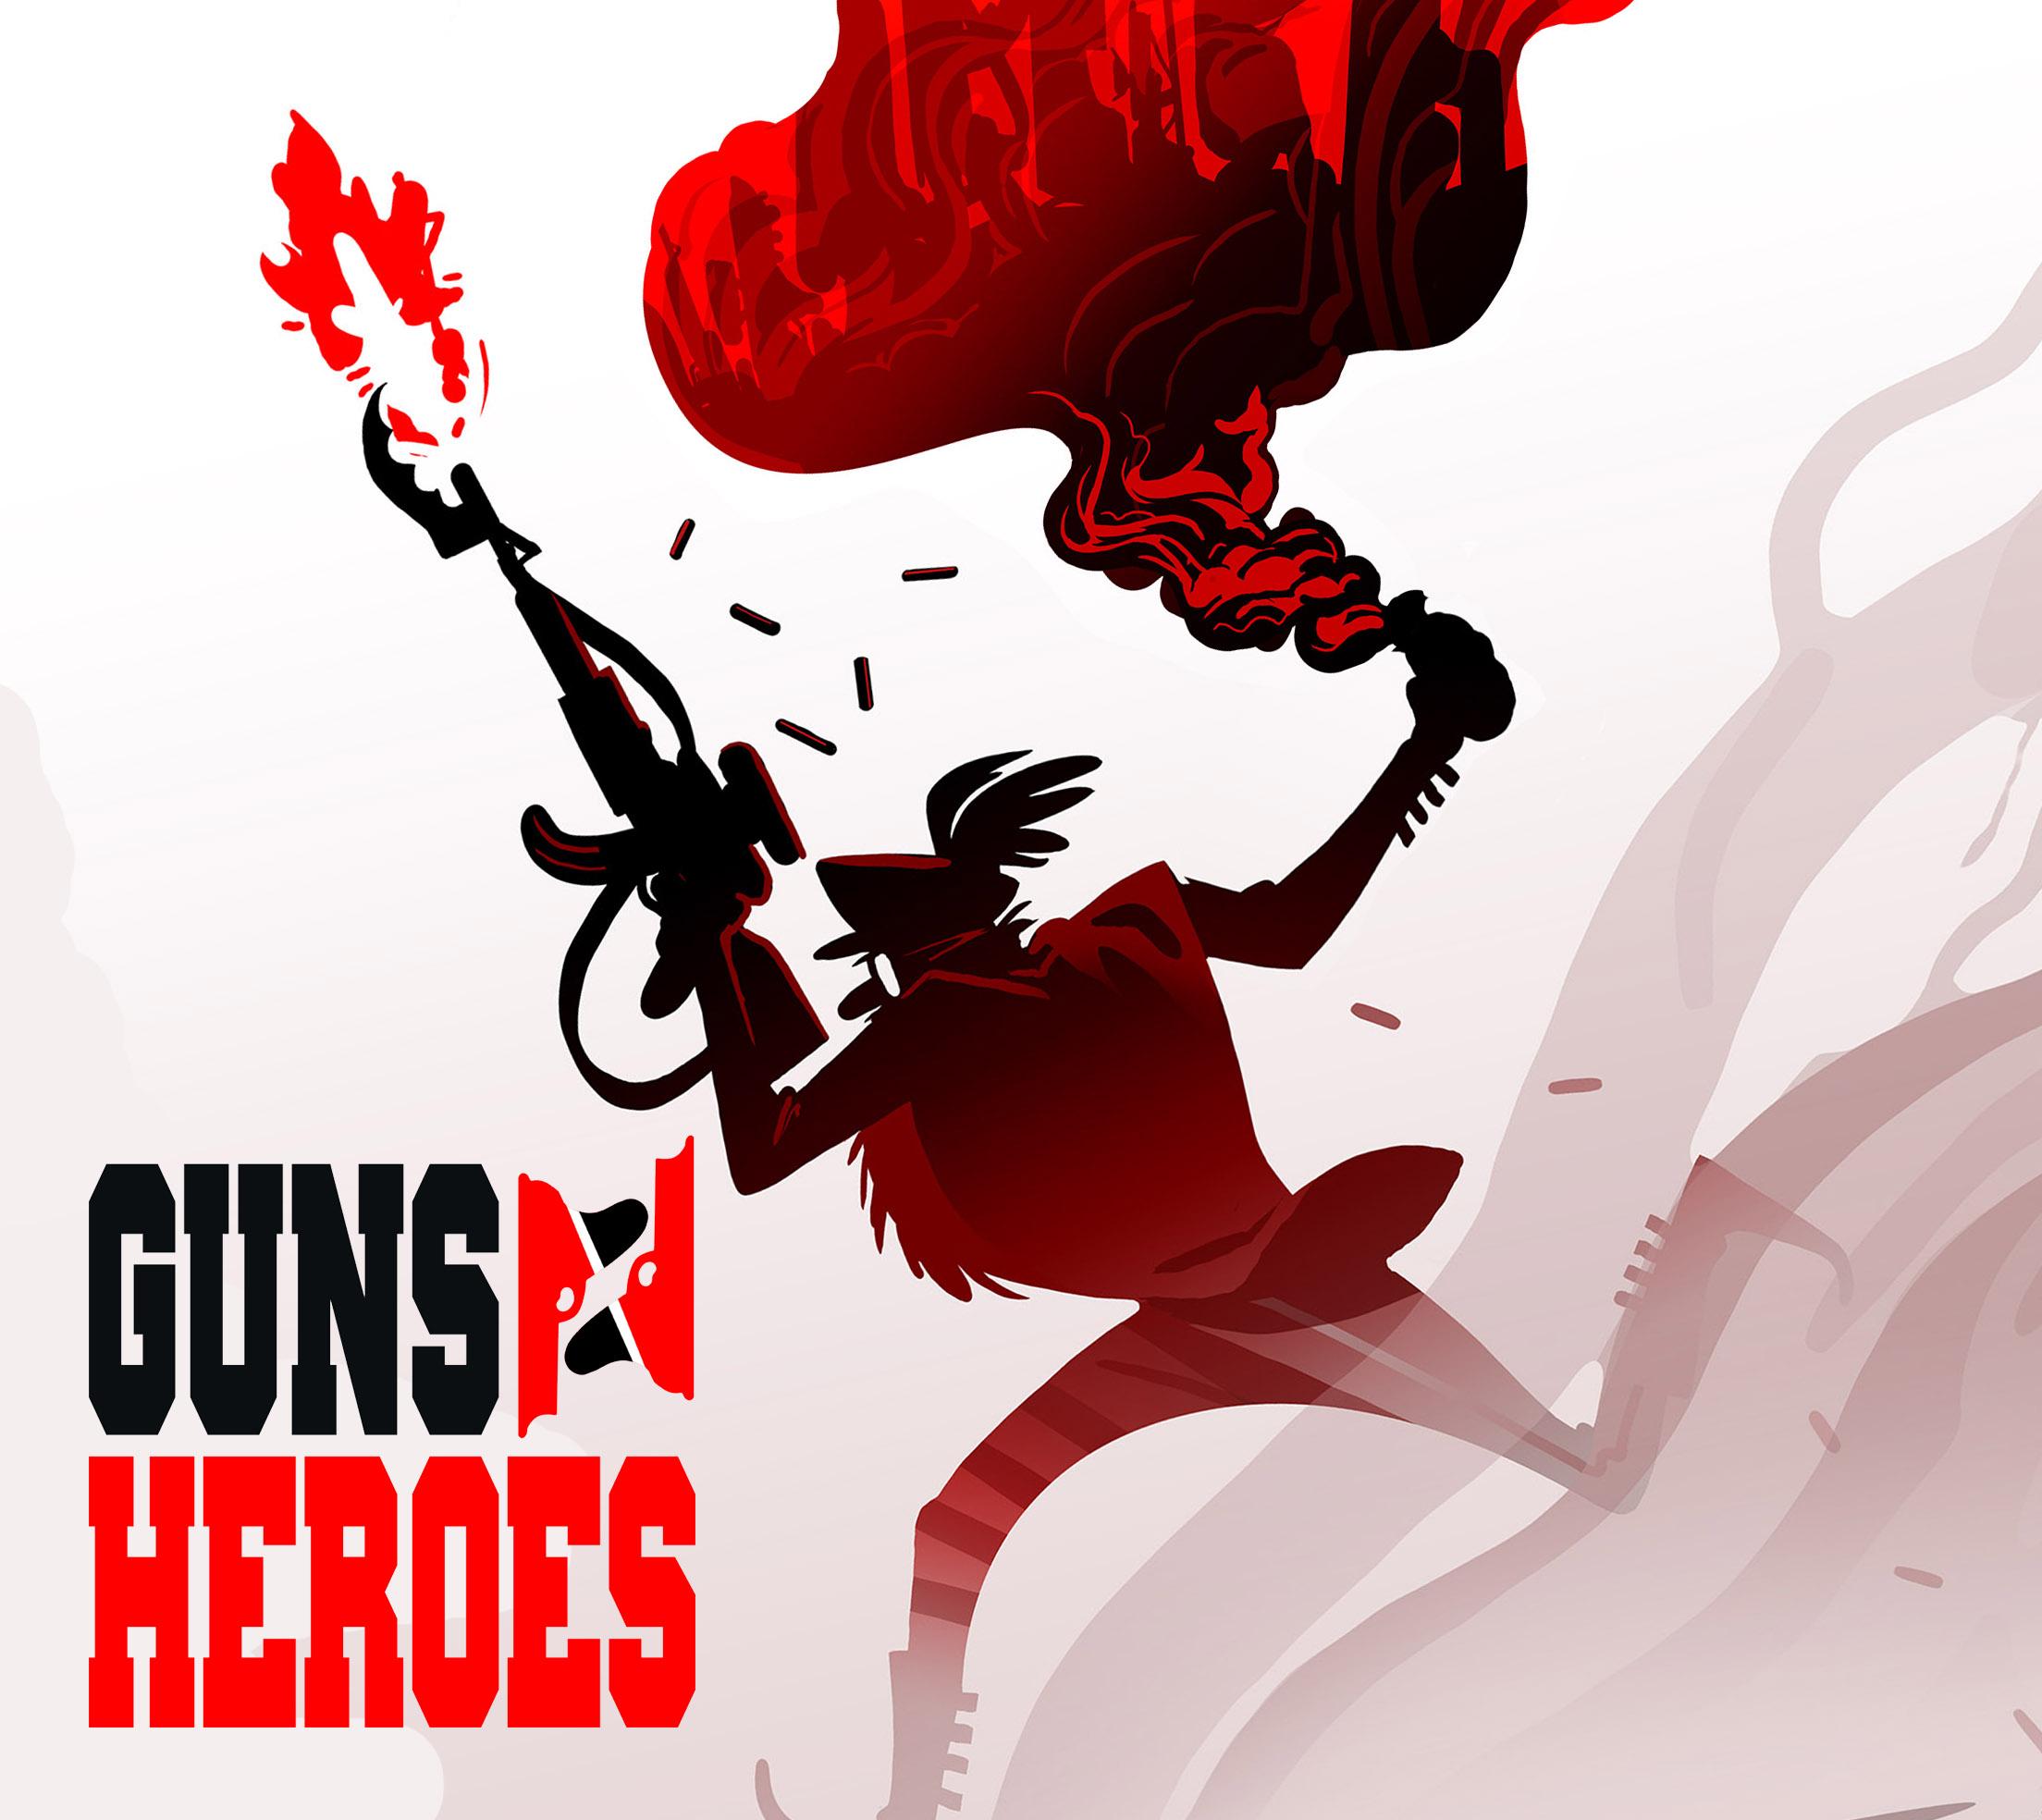 Guns n Heroes Poster 2